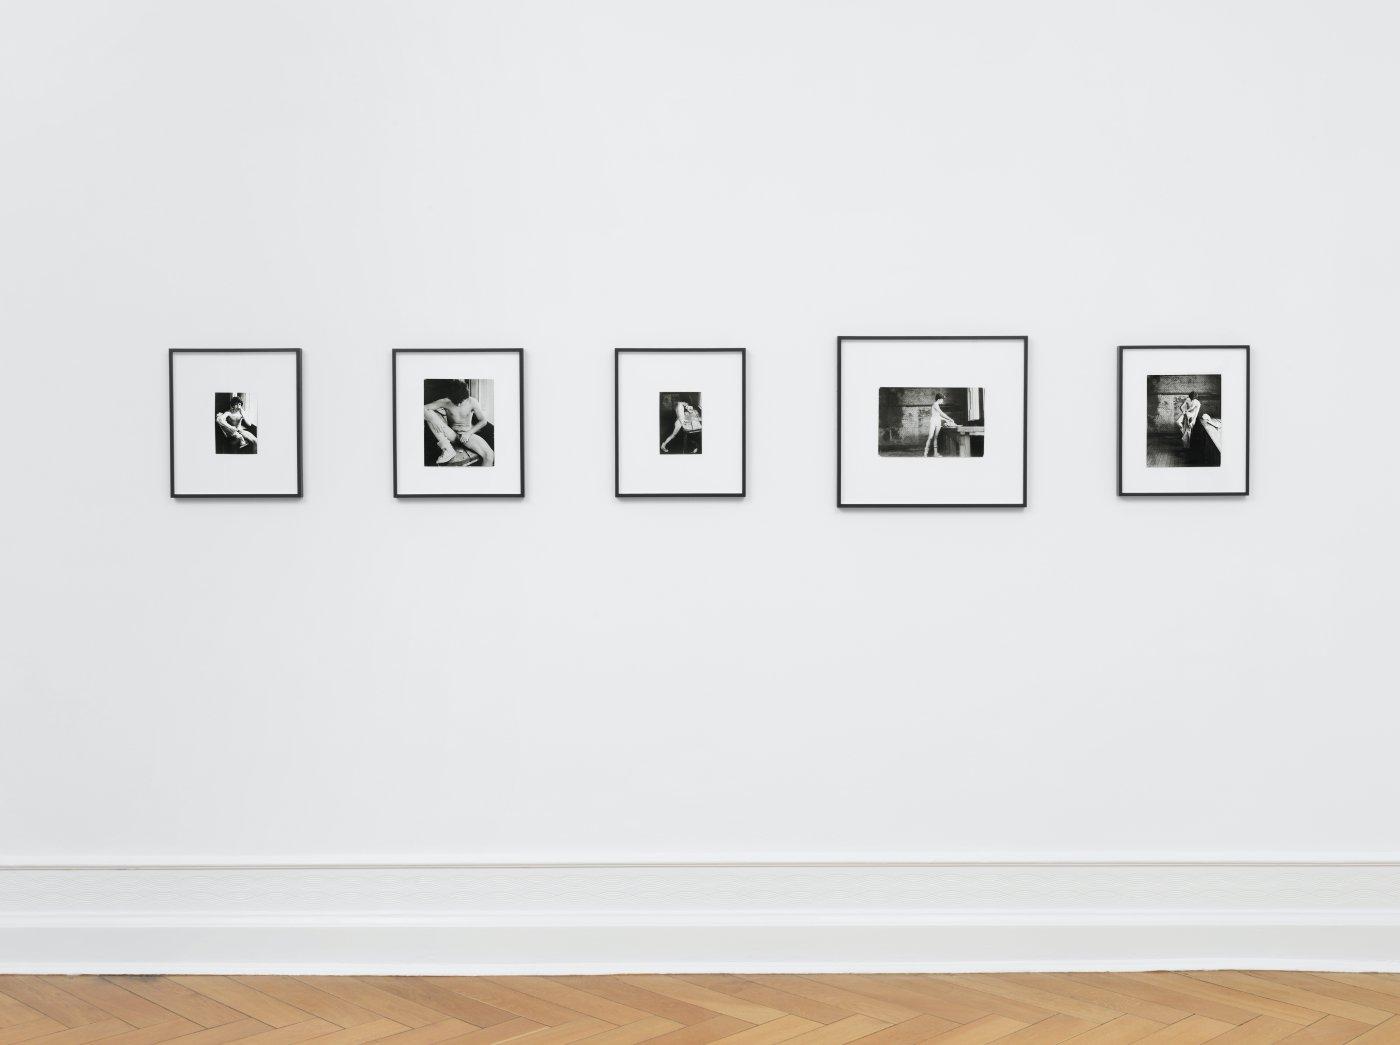 Galerie Buchholz Berlin Alvin Baltrop 6